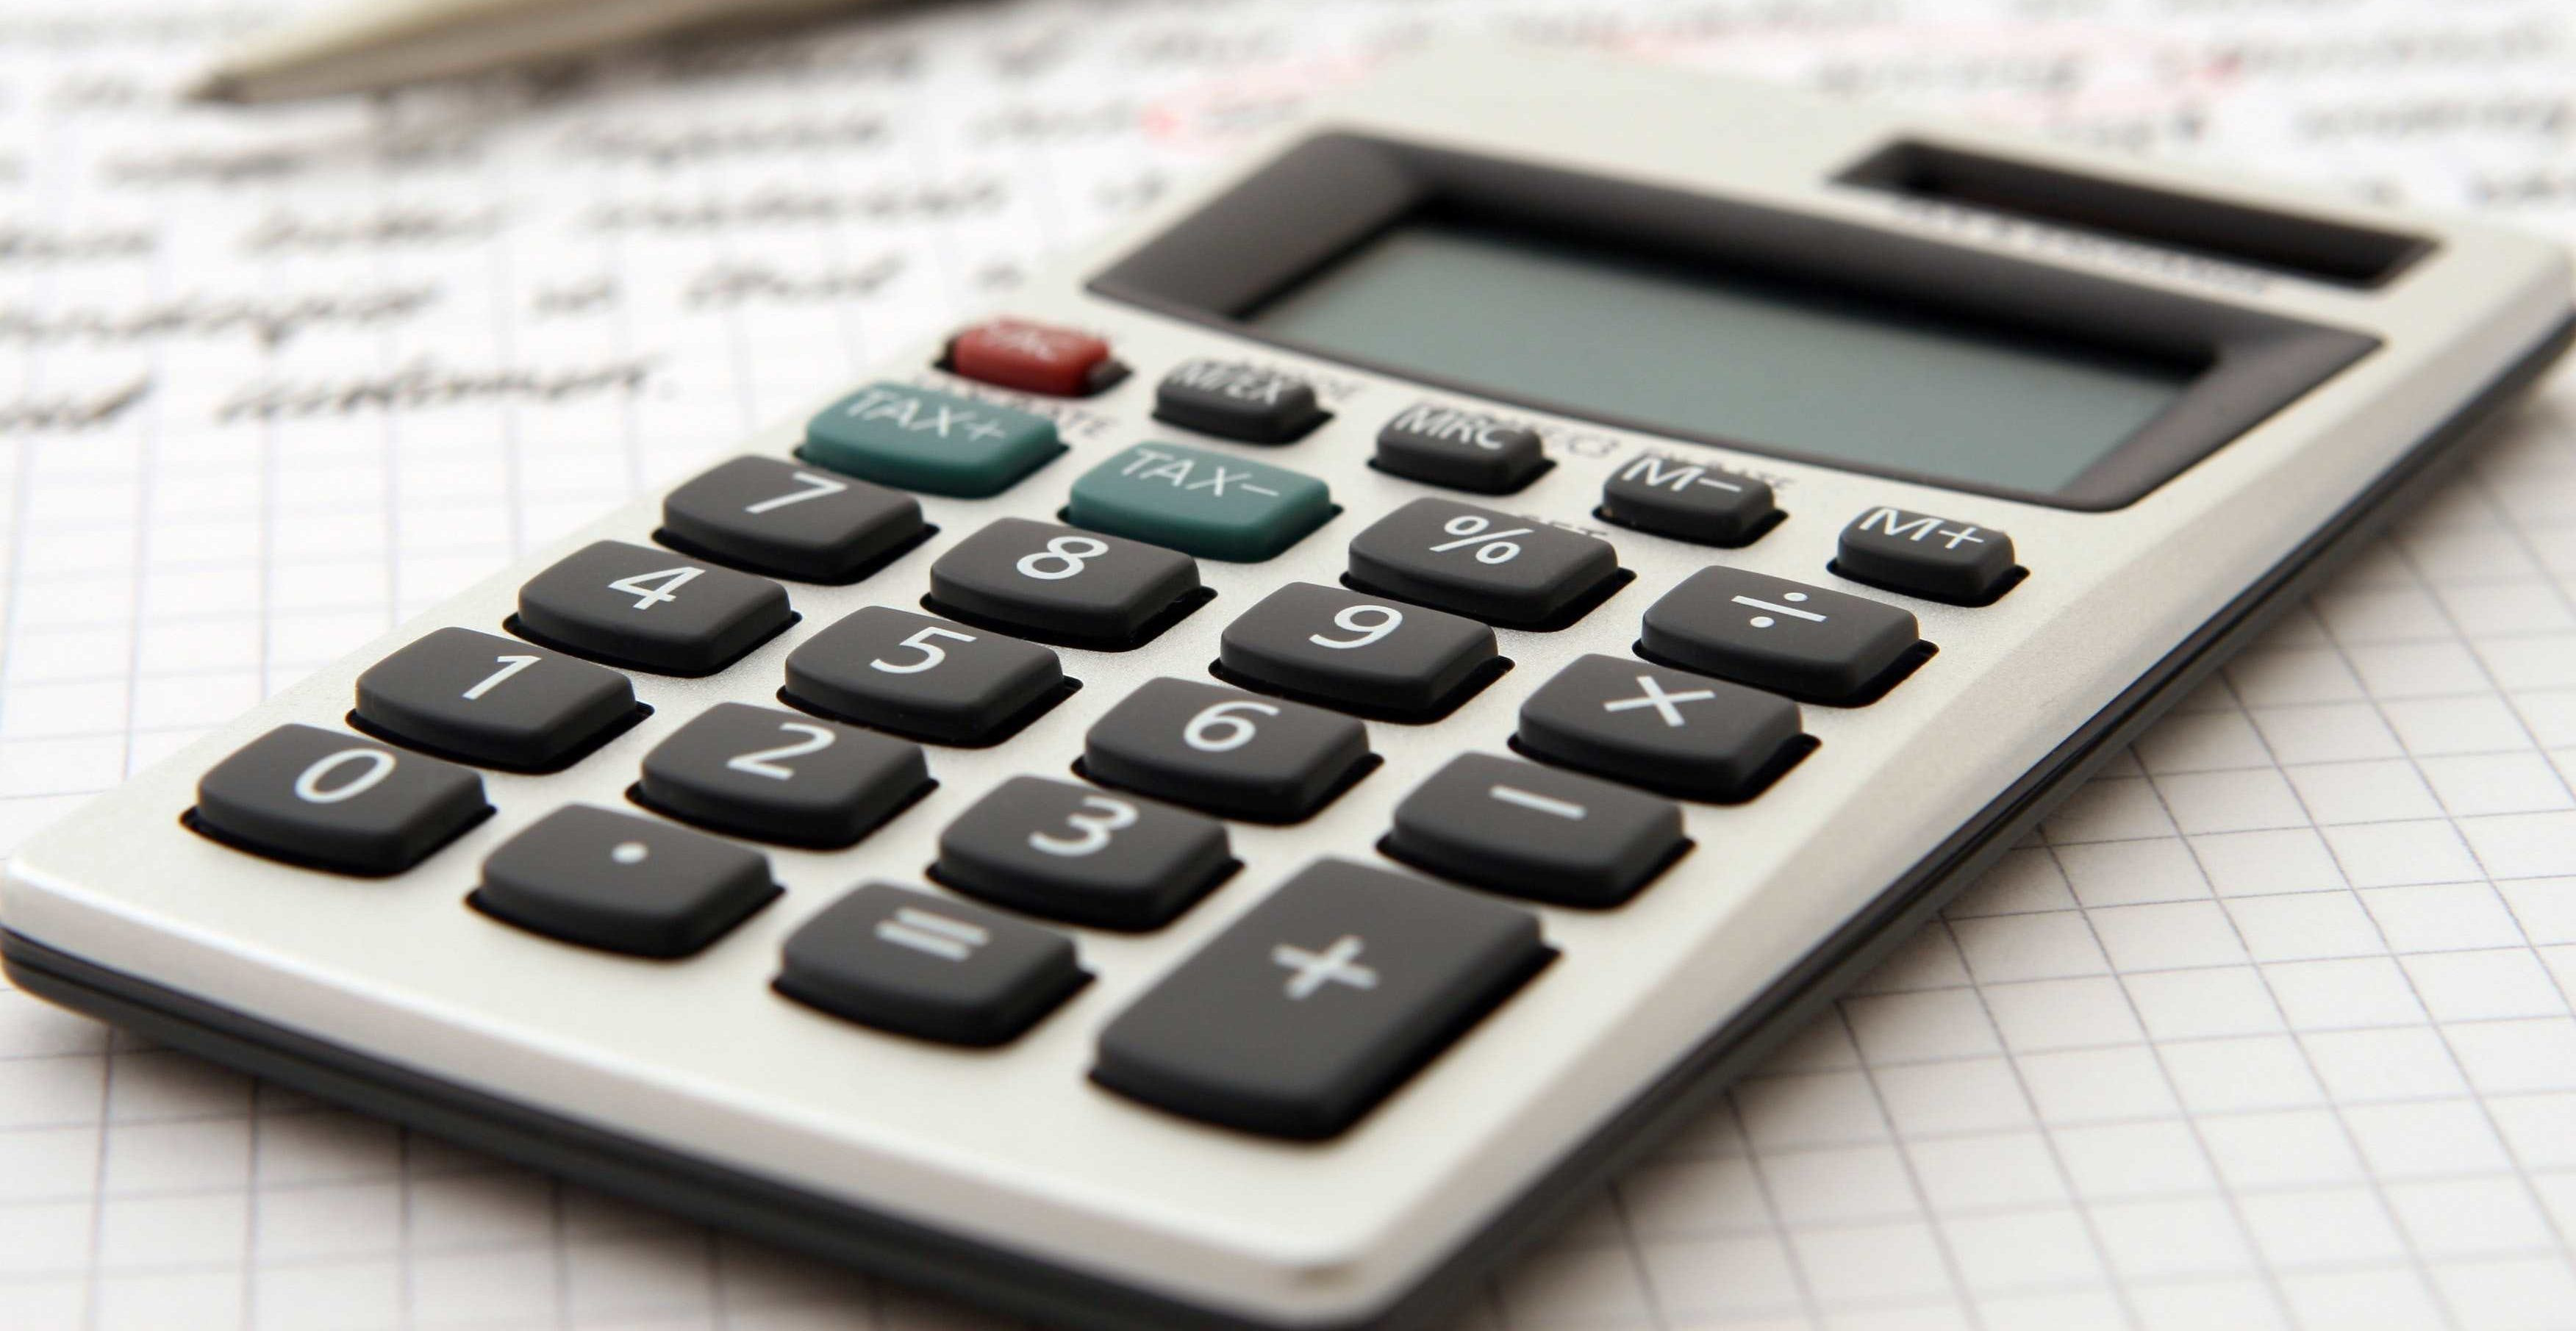 8bfedc1901692a67b64a52a6937bdfdd_accounting-balance-banking-159804-3504-c-90